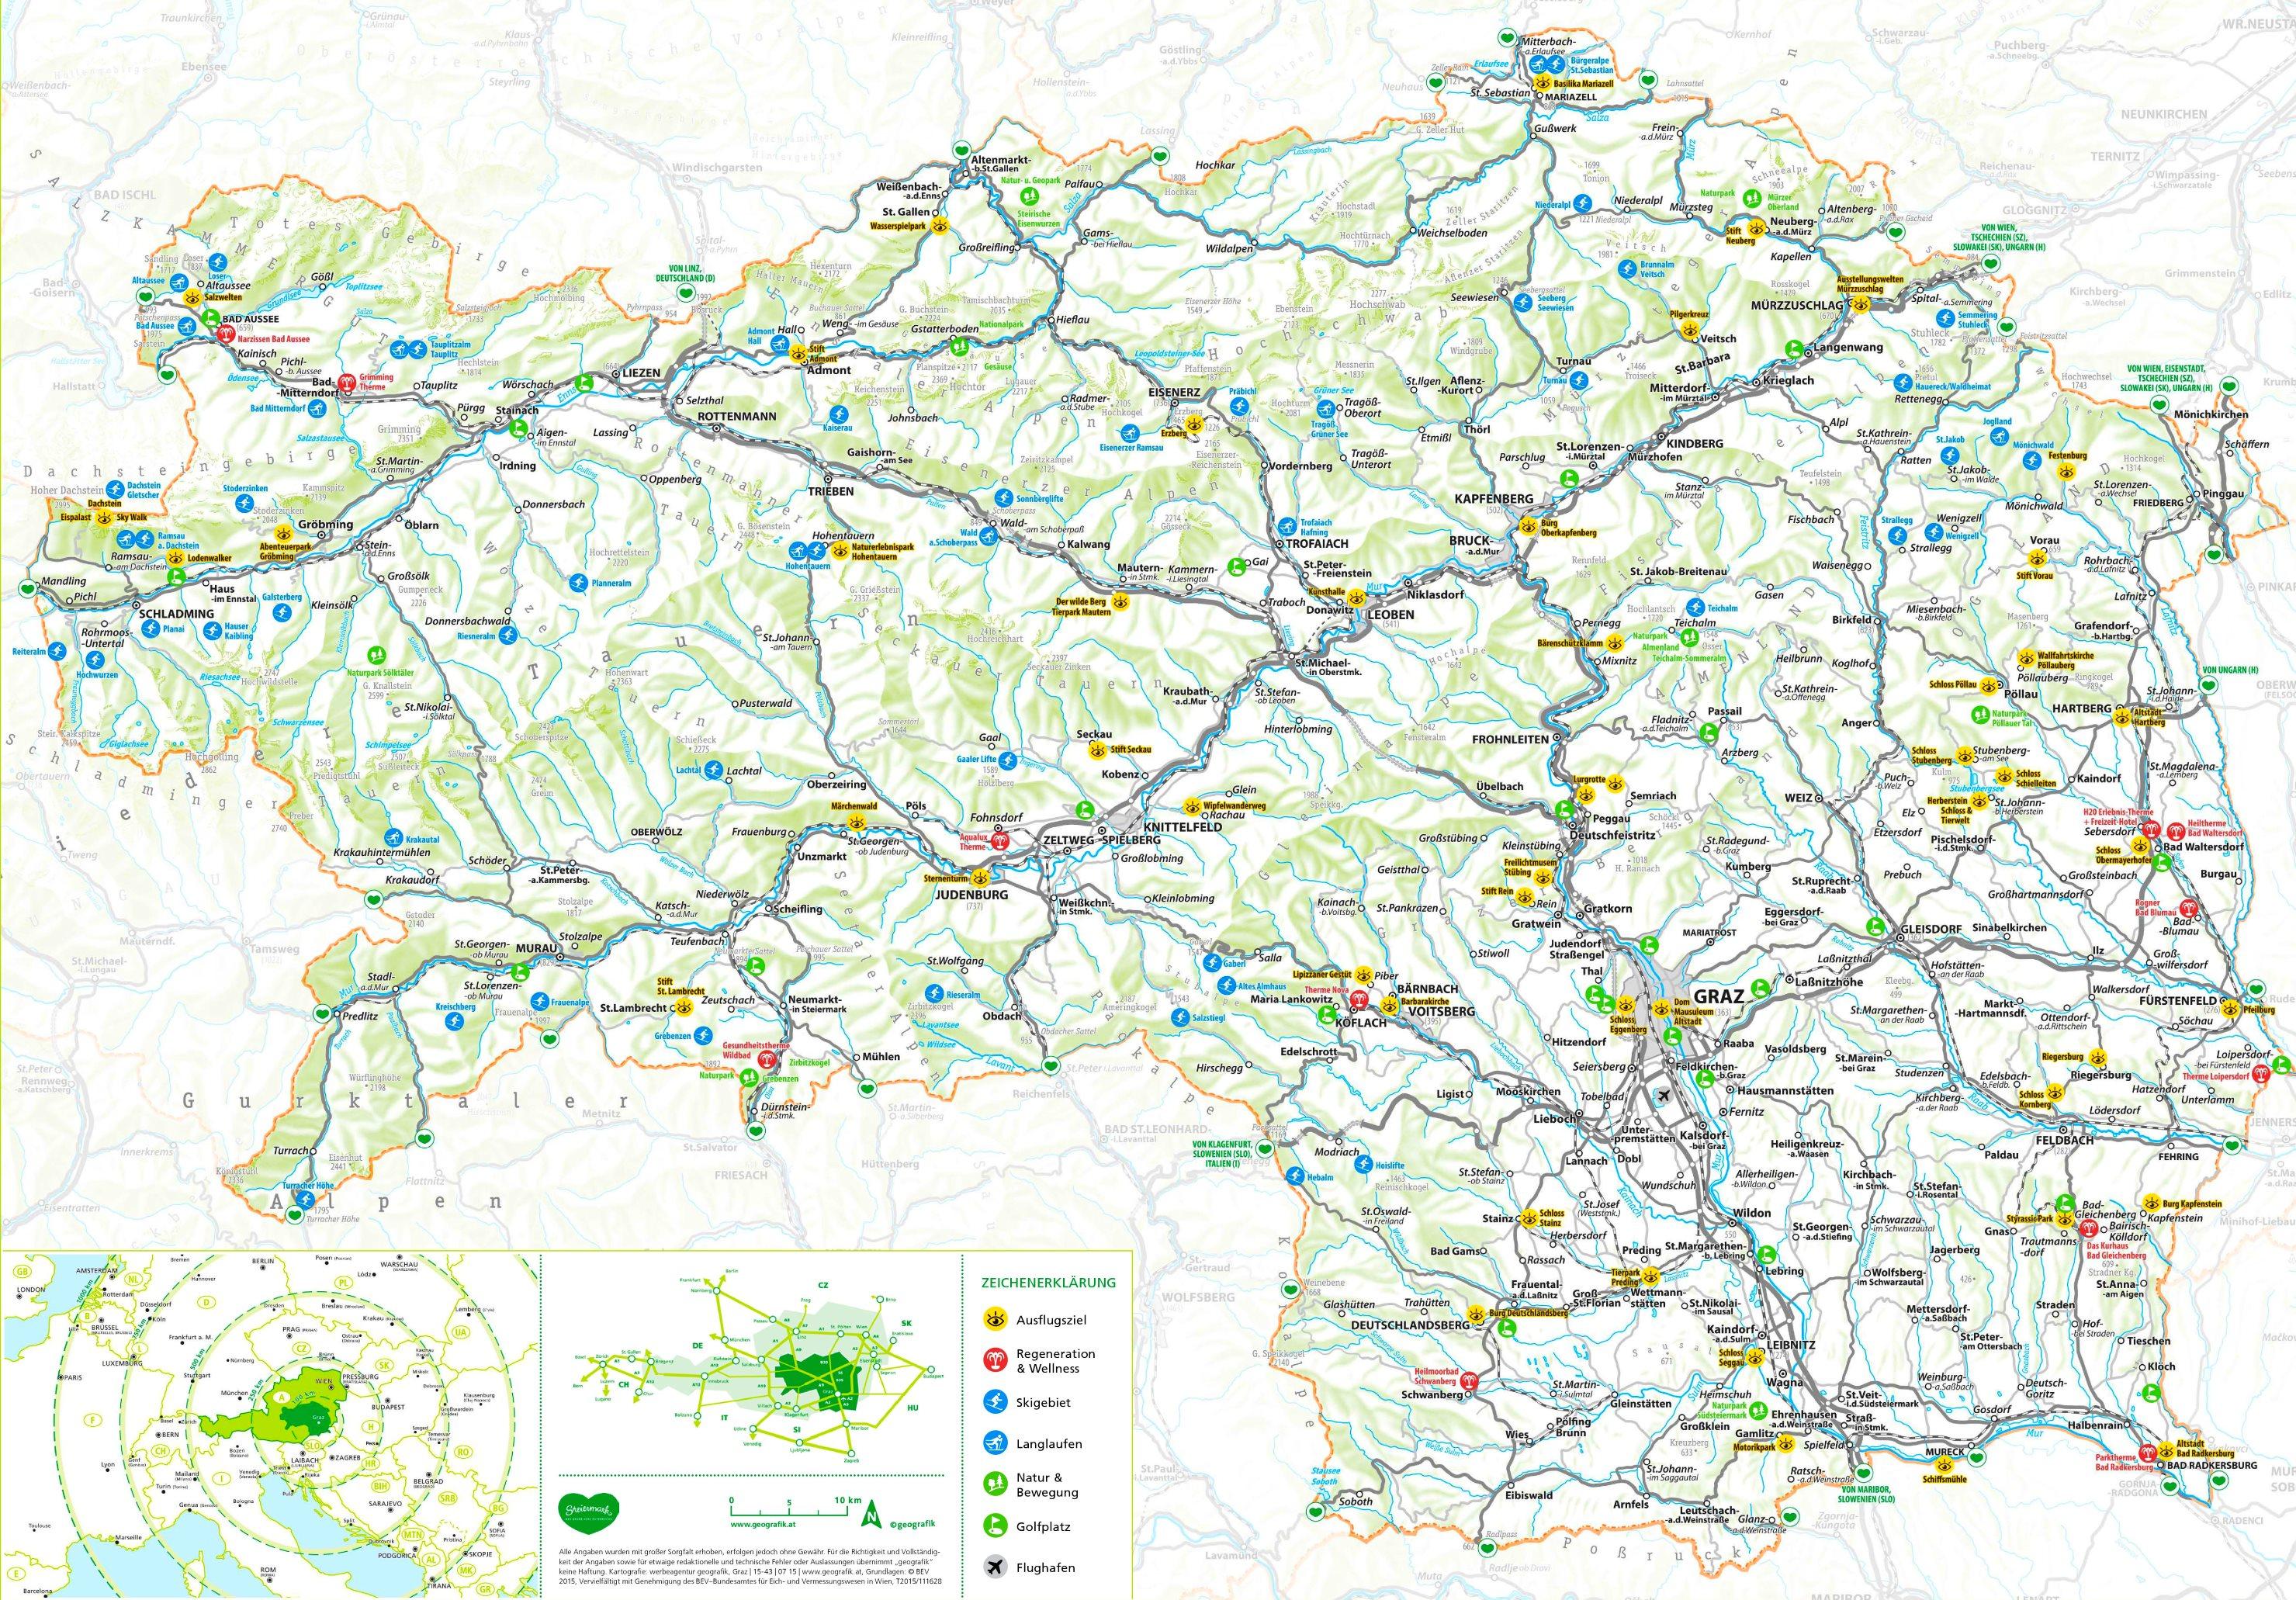 Steiermark Karte Flüsse.Steiermark Touristische Karte